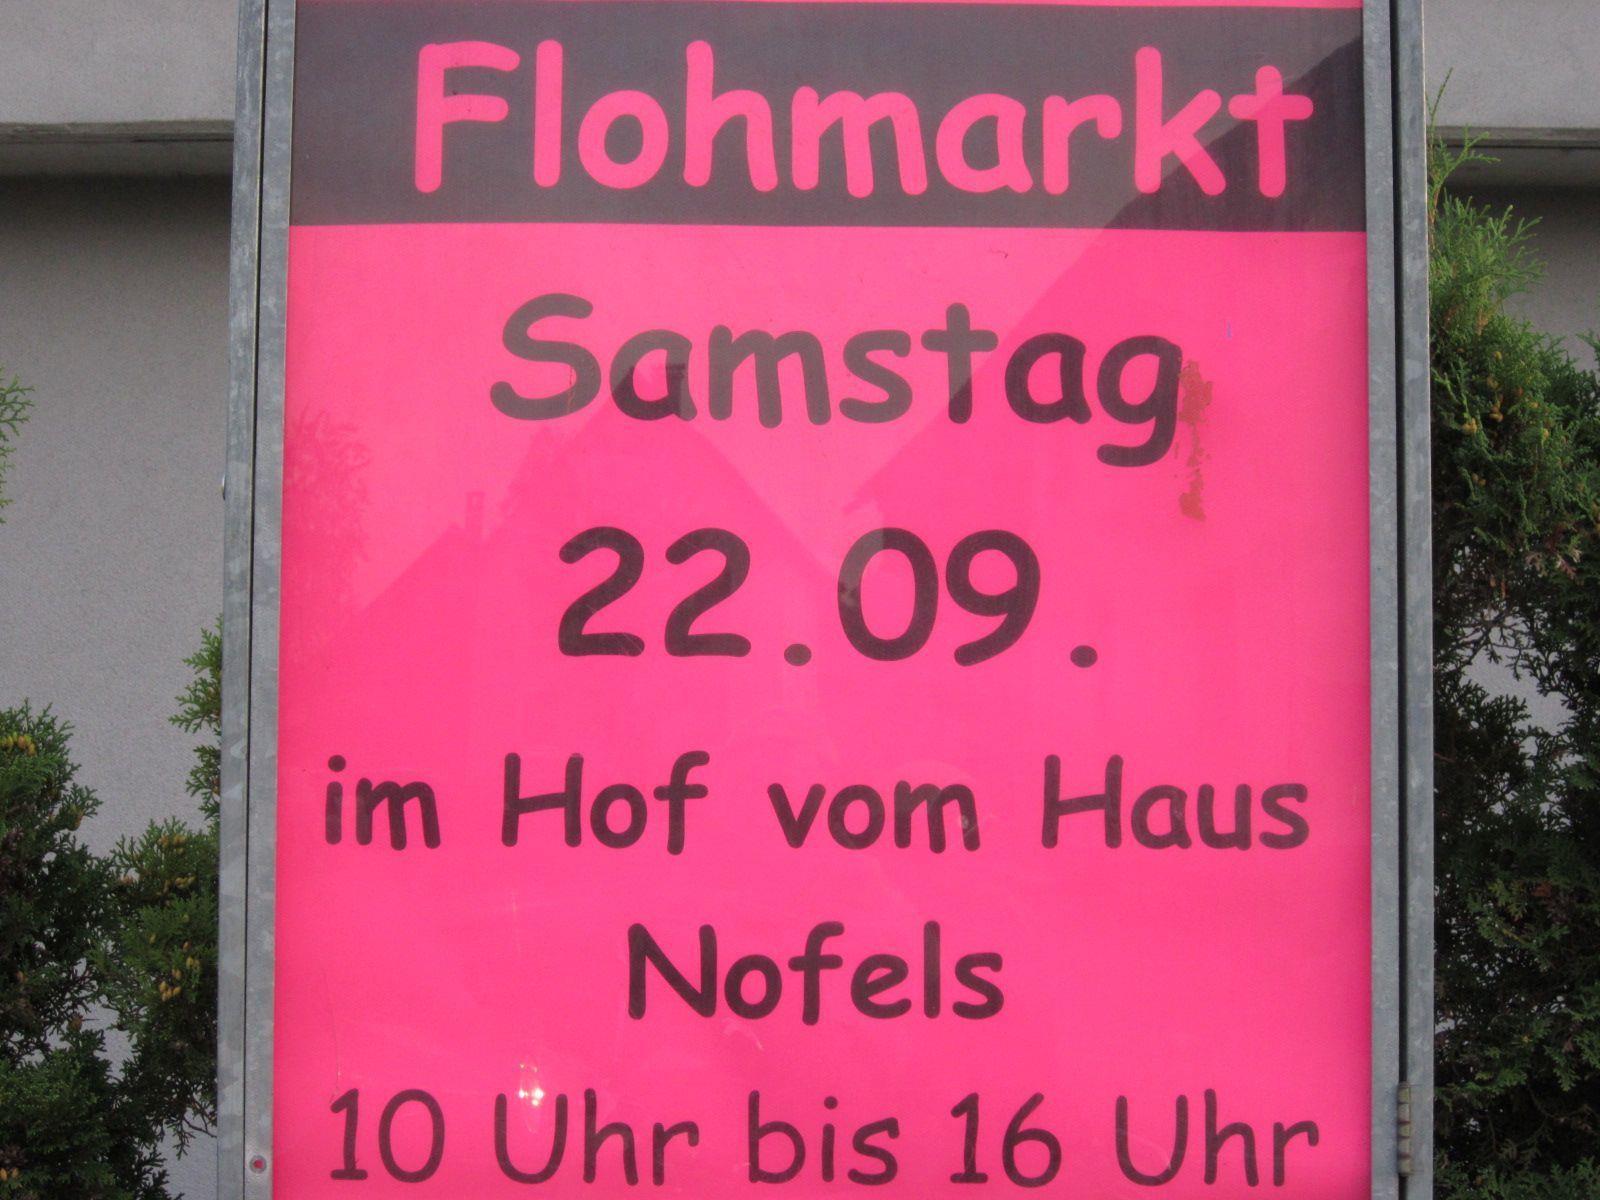 Im Haus Nofels findet ein Flohmarkt statt